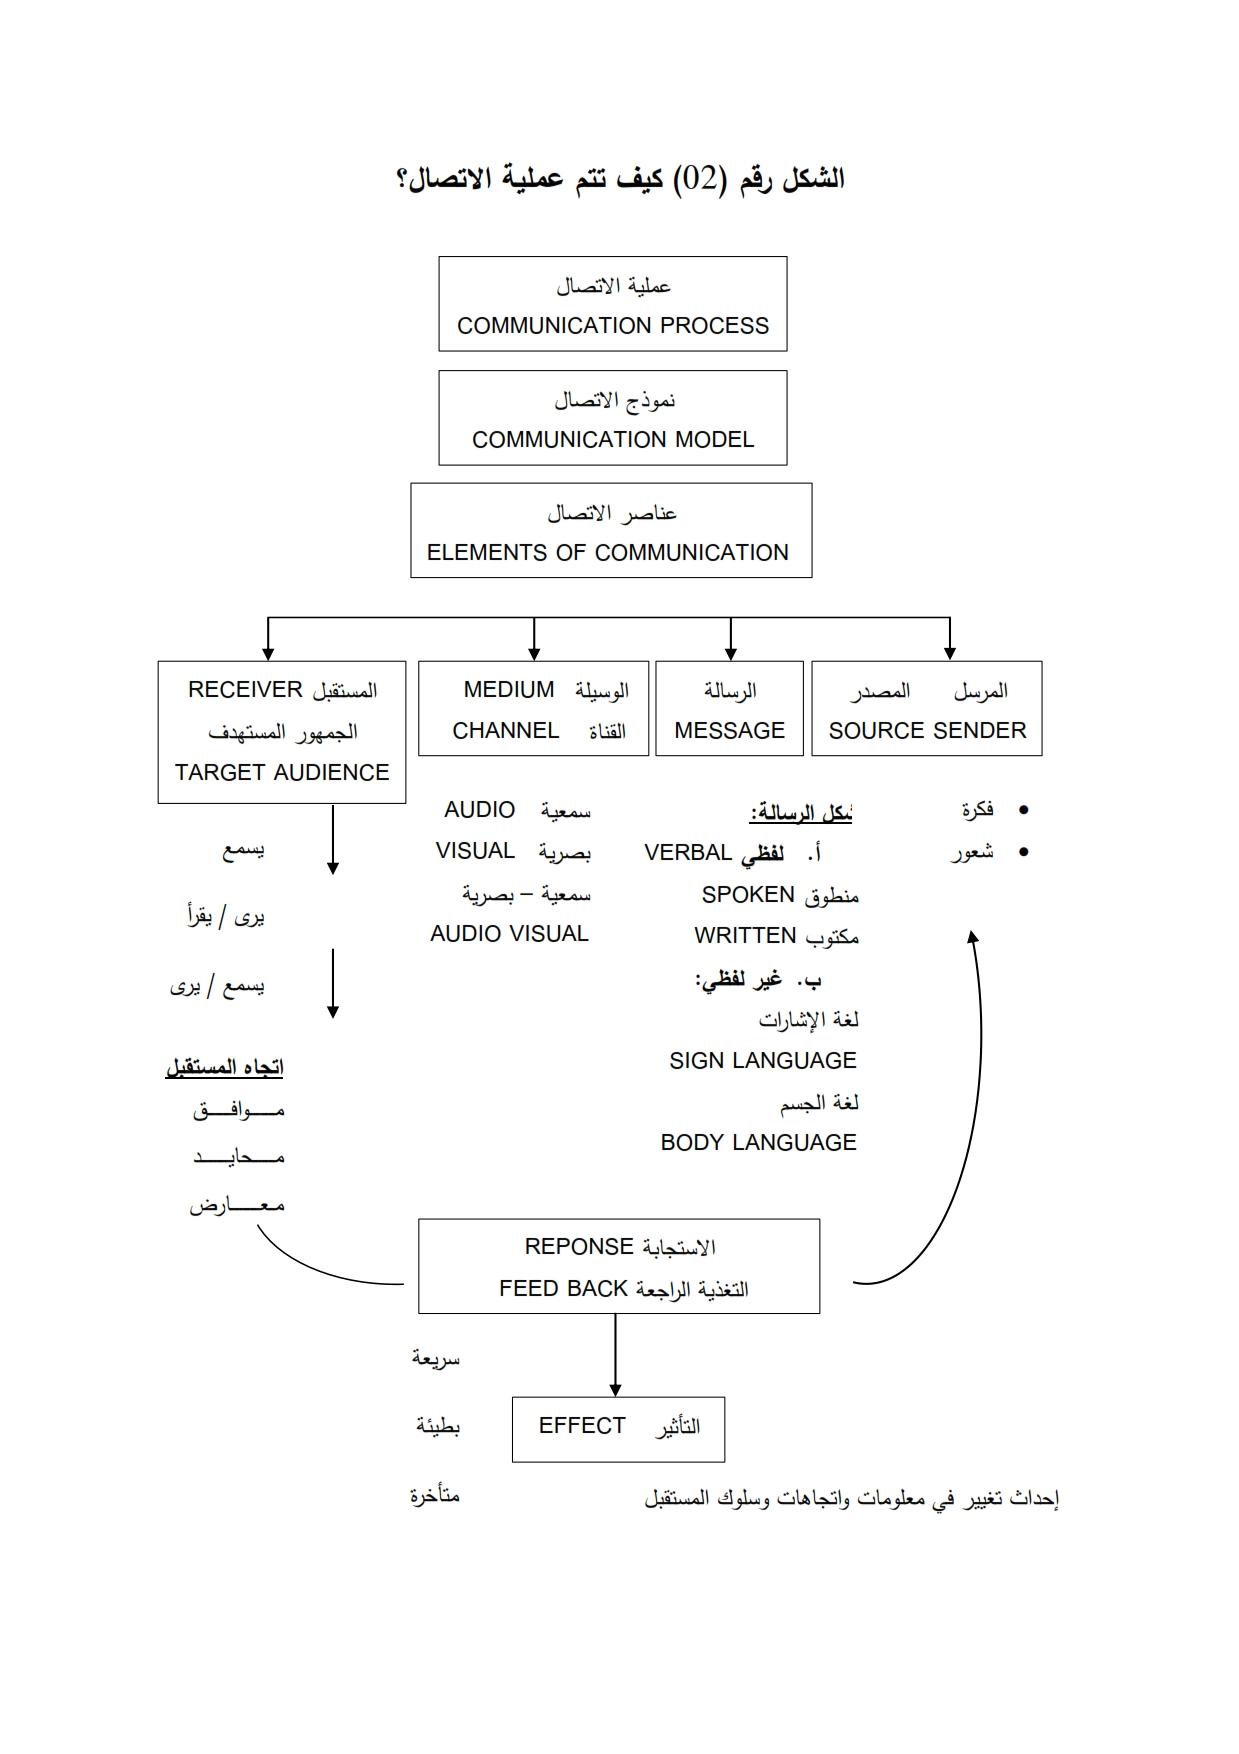 مدخل مفاهيمي للاتصال عناصر الاتصال